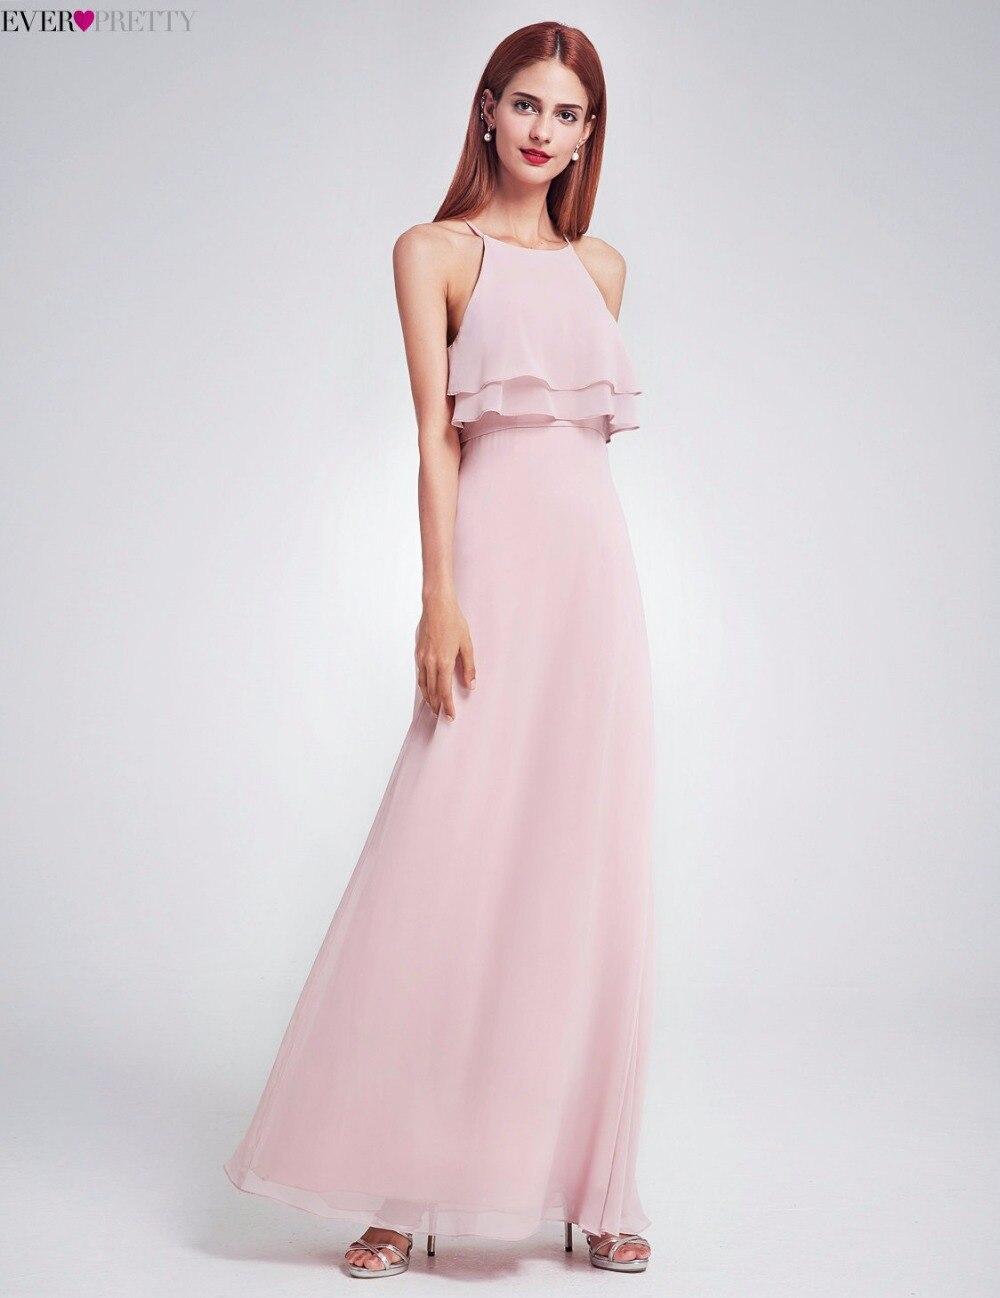 29f12fd253 Bonito 2018 baratos vestidos de dama de honor EP07137 largo volantes  Chiffon Plus tamaño ocasión vestidos de chica vestidos para boda fiesta en  Vestidos de ...